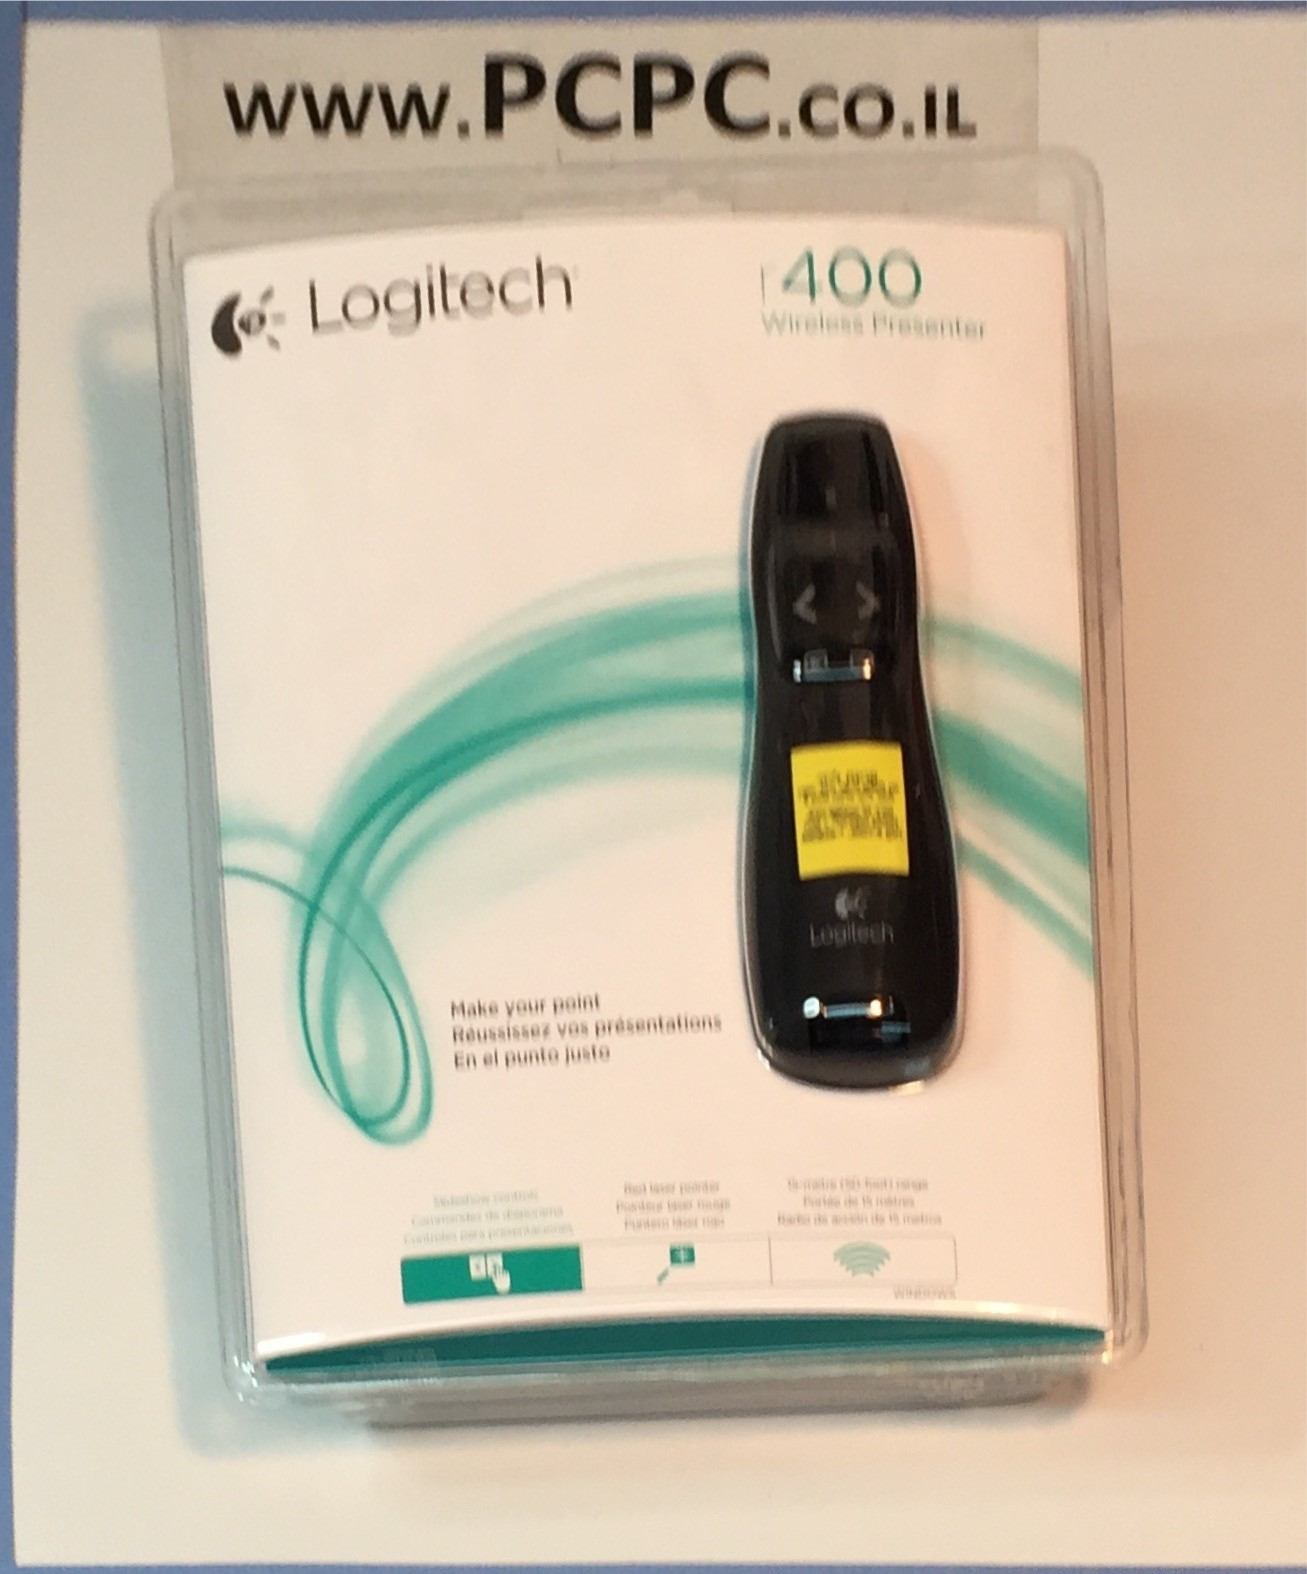 שלט אלחוטי למצגות  LOGITECH  R400  2.4GH